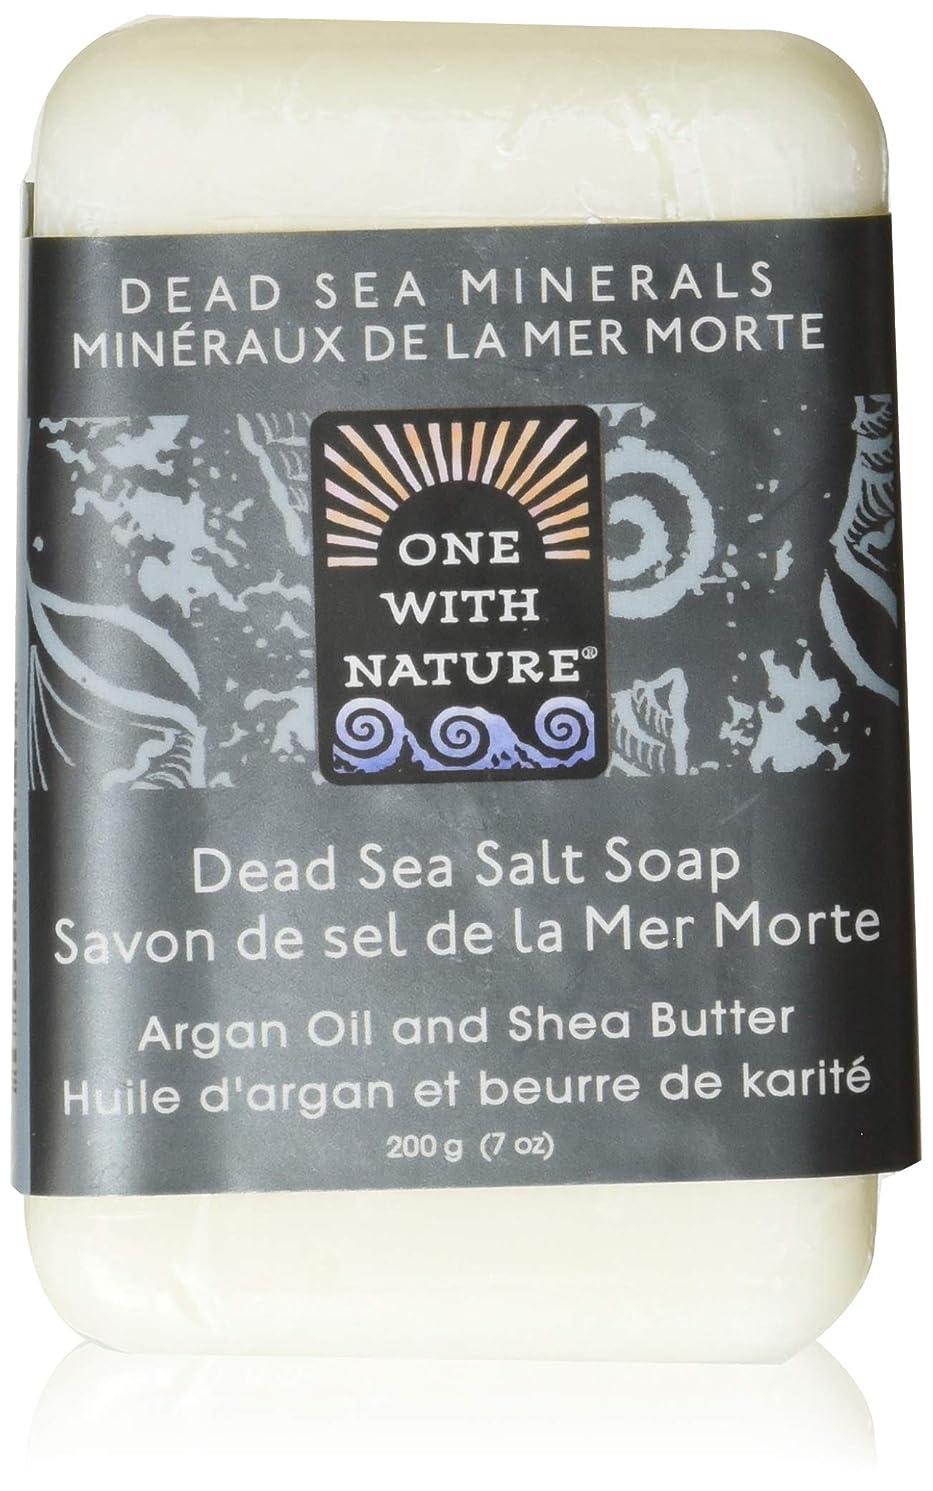 スティーブンソンに渡ってモードDead Sea Mineral Dead Sea Salt Soap - 7 oz by One With Nature